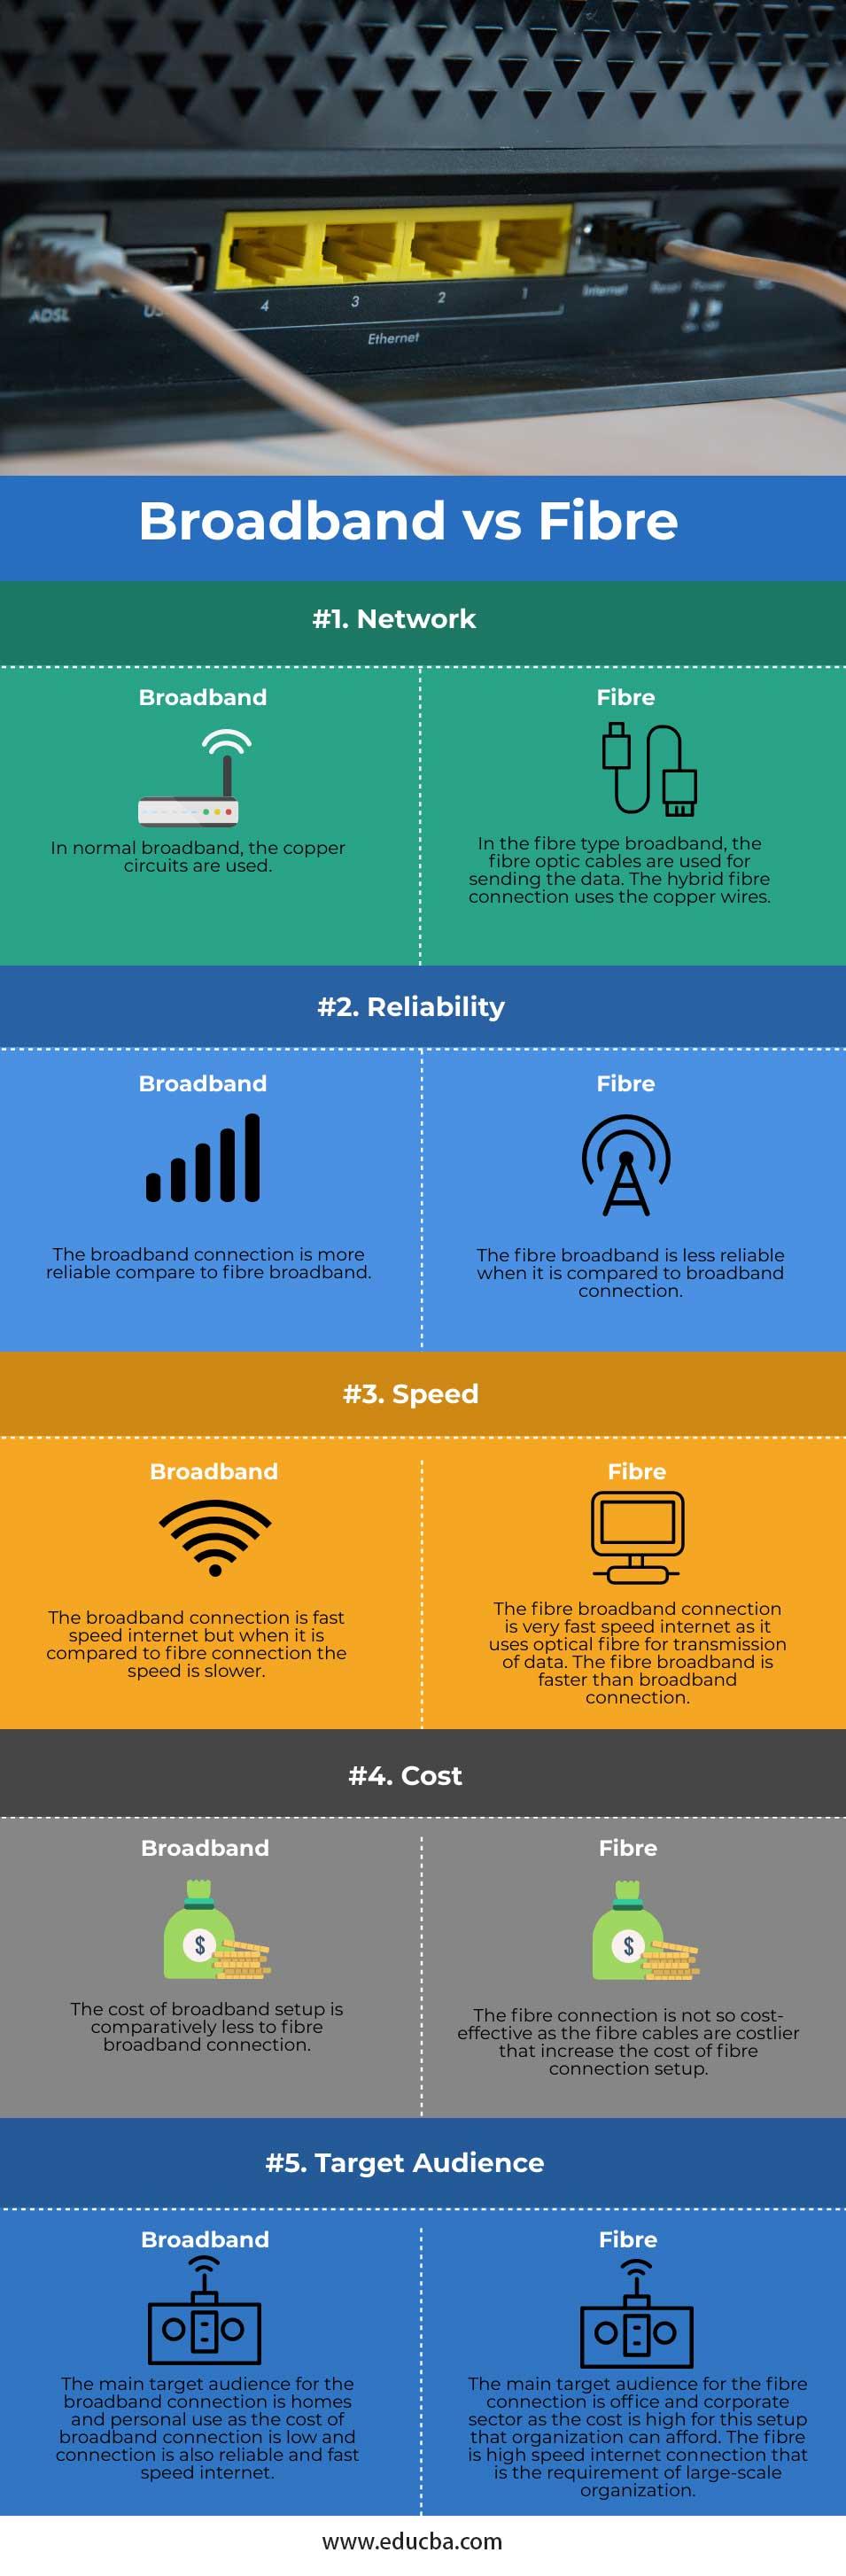 Broadband-vs-Fibre-info